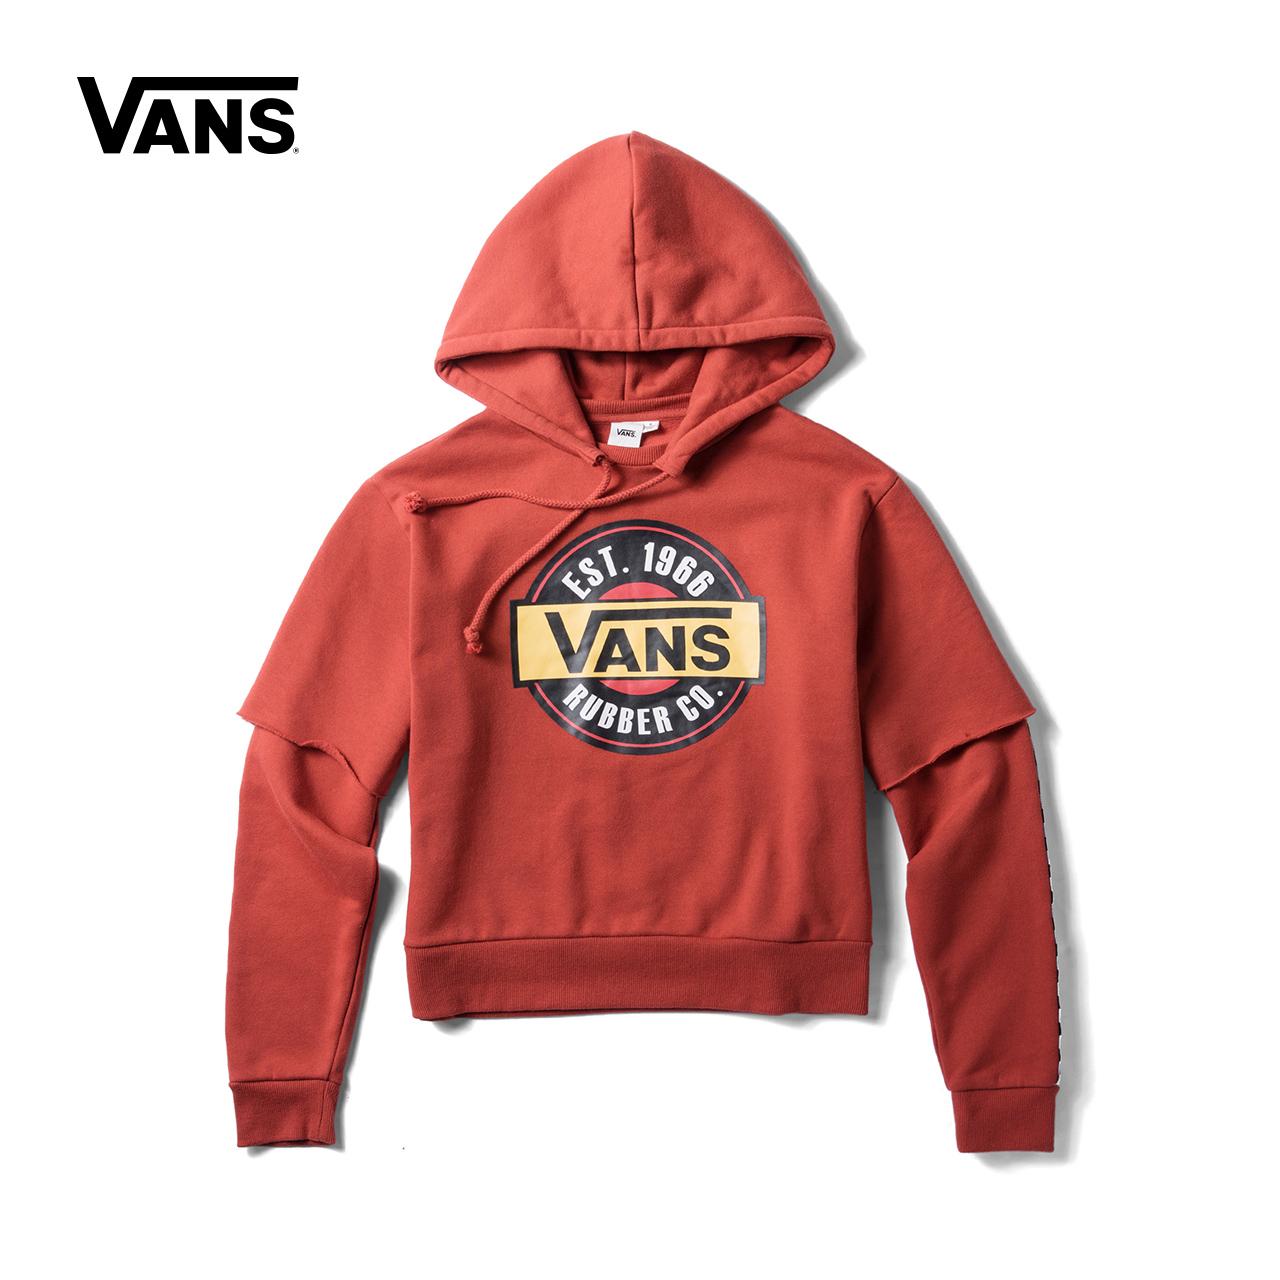 Vans 范斯官方秋季女款加绒连帽卫衣|VN0A3QVI49X-BLK-WHT